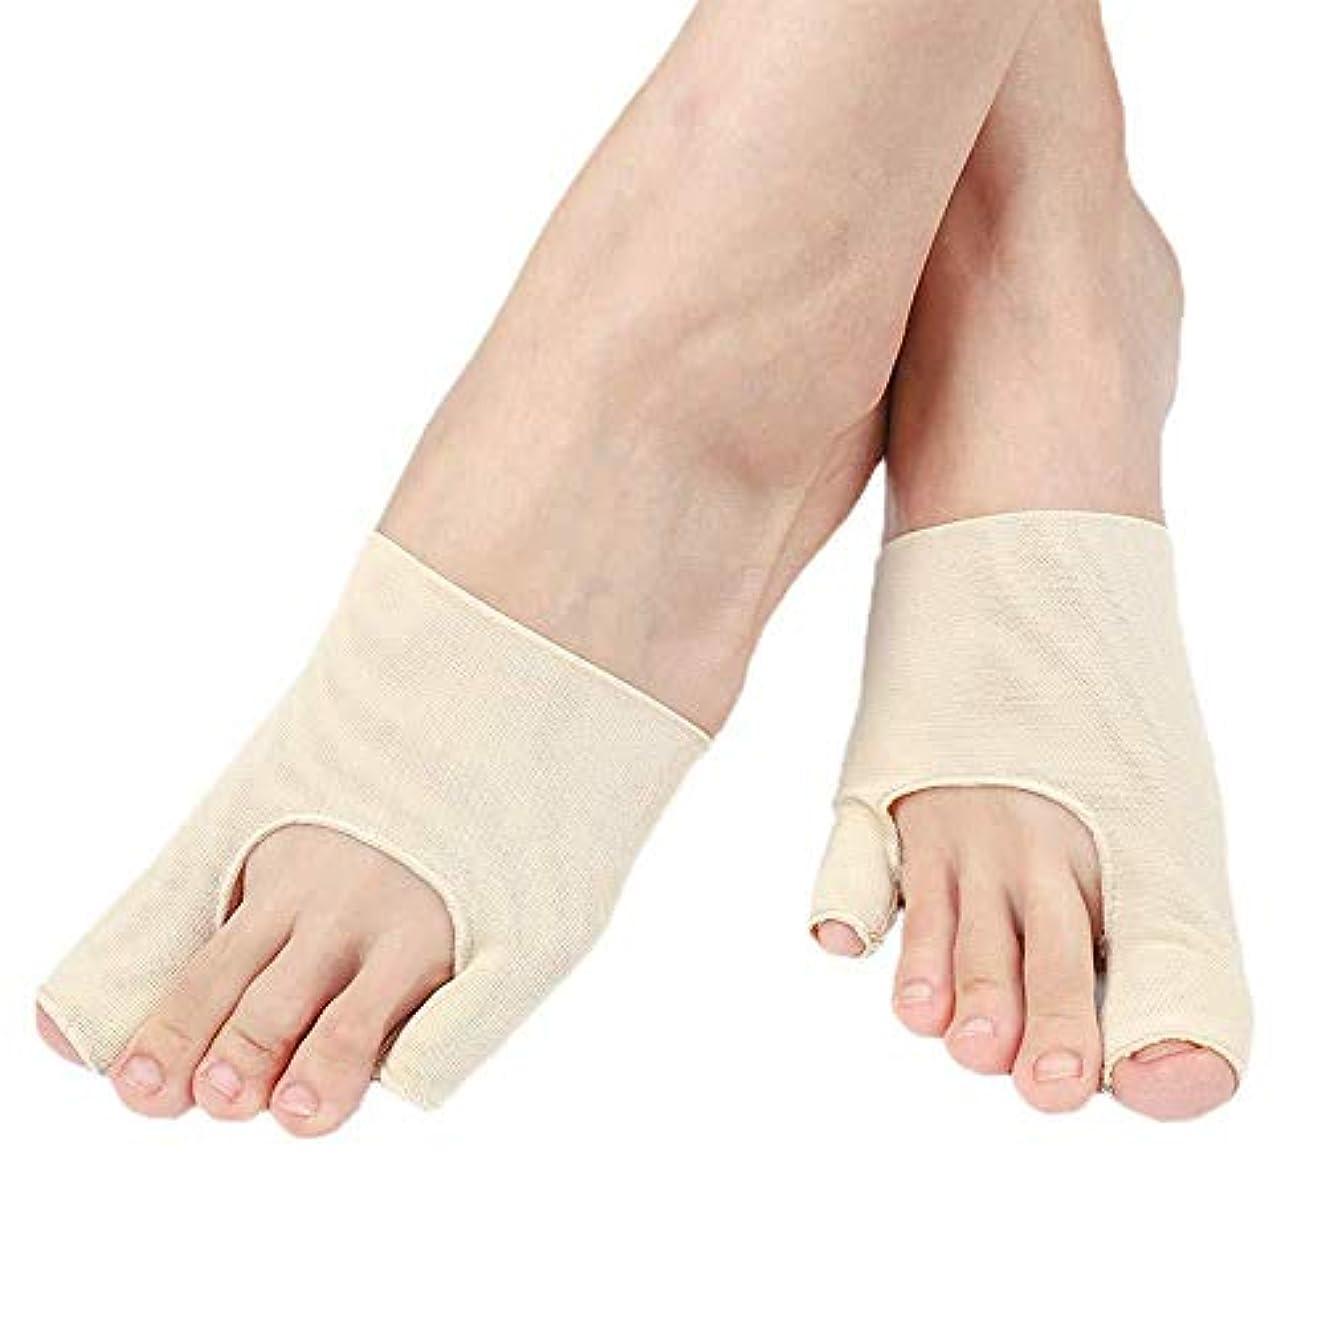 厚くする自然公園合併症つま先セパレーター、Orthoticsの足の親指の矯正、つま先の痛み緩和スリーブ、外反母painの痛みを緩和するための組み込みシリコンゲルパッド,L